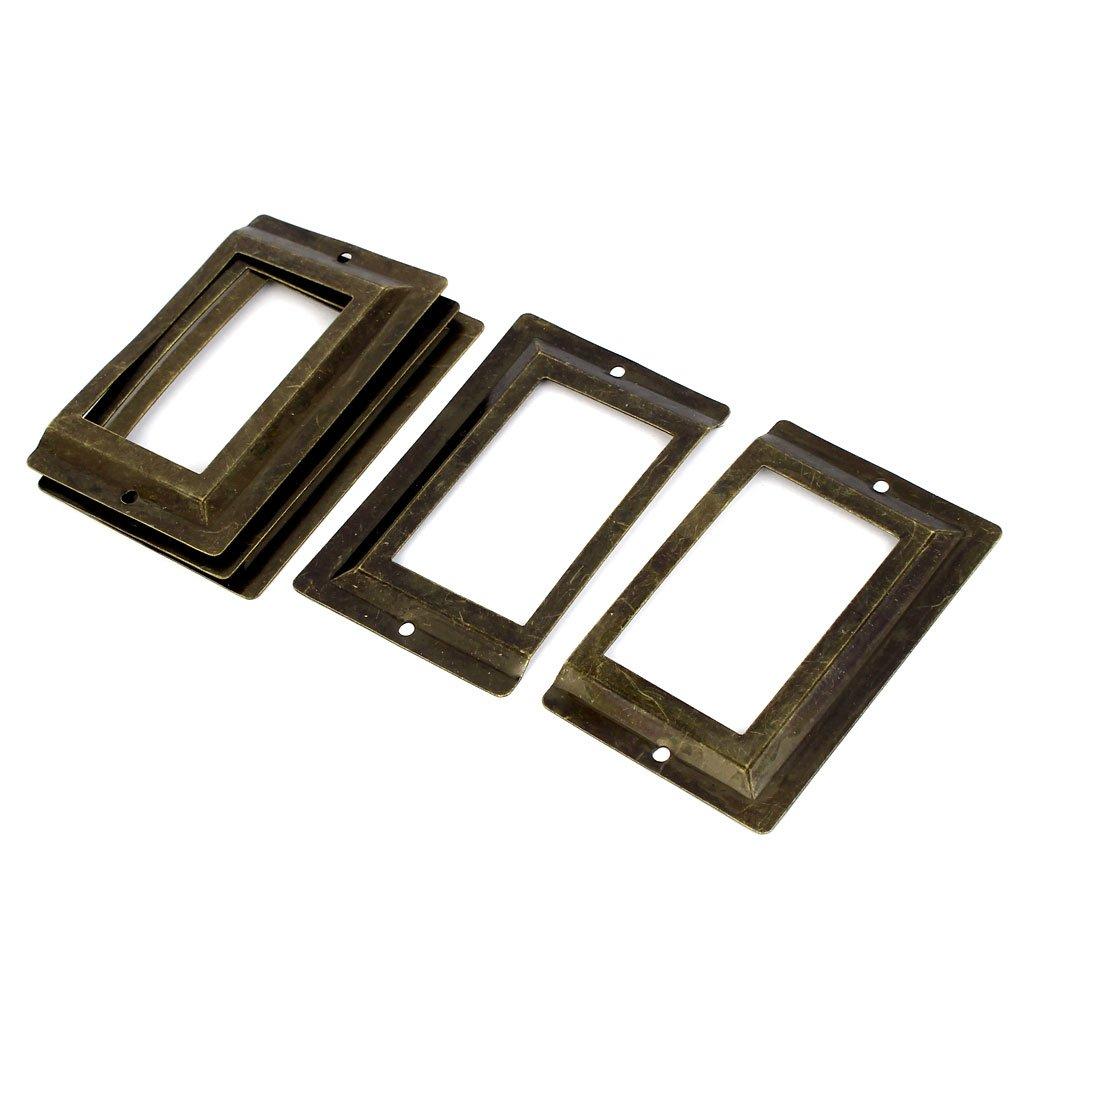 sourcingmap® Post Office Bibliothèque fichier étiquette en métal tiroir porte étiquette Bronze Tone 5pièces a16062000ux0501